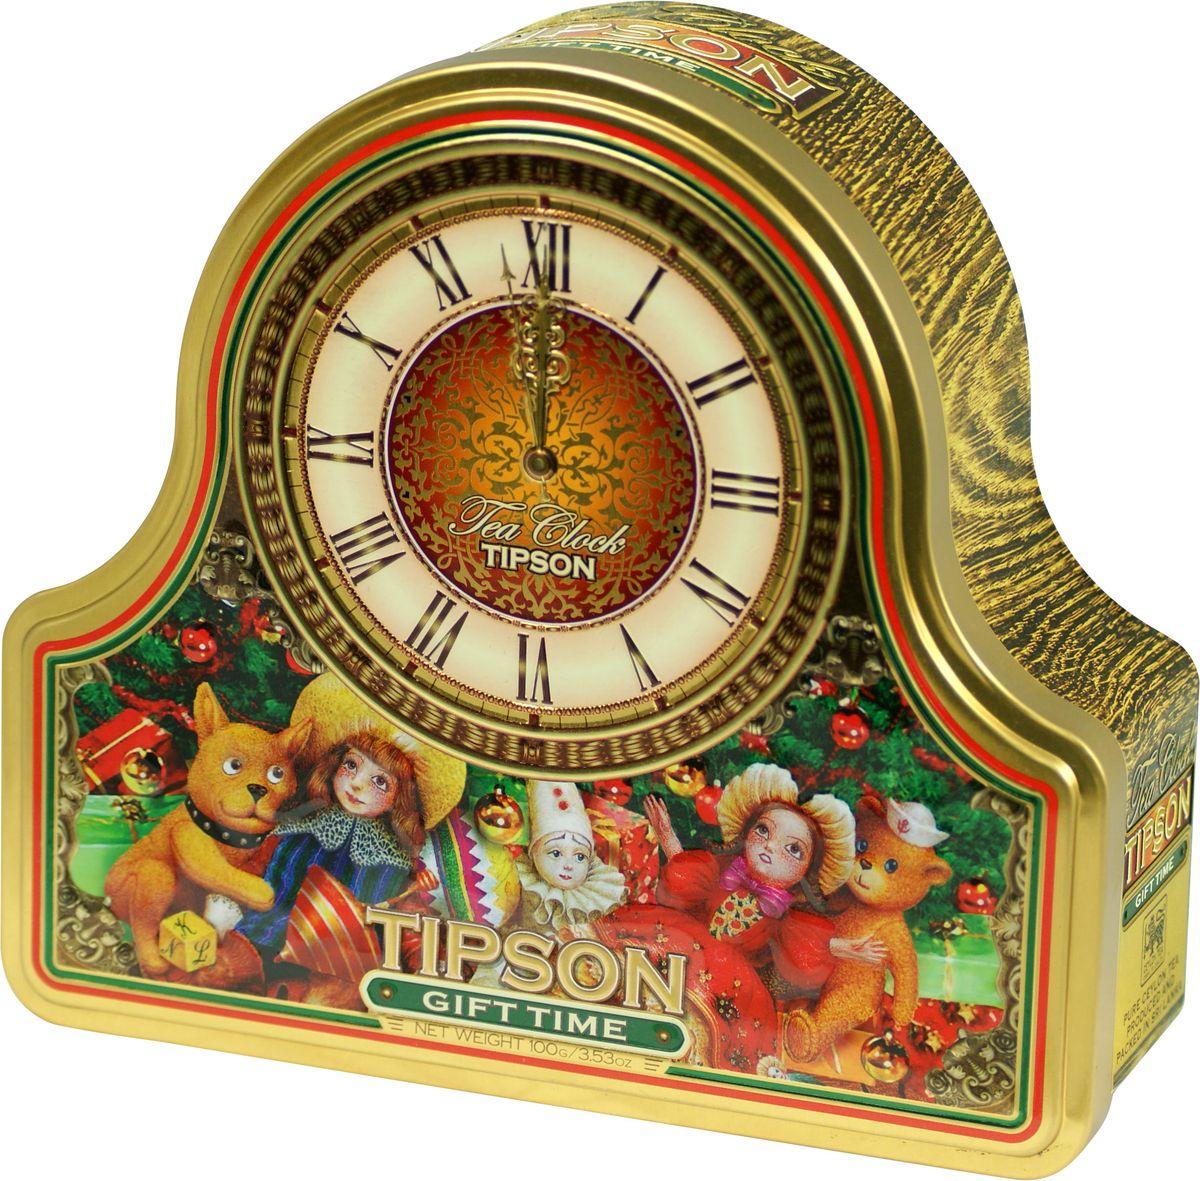 Tipson Gift Time черный листовой чай, 100 г (жестяная банка)80088-00Tipson Gift Time - чёрный цейлонский байховый листовой чай с ароматами клубники и сливок. Поставляется в новогодней подарочной металлической банке в форме часов.